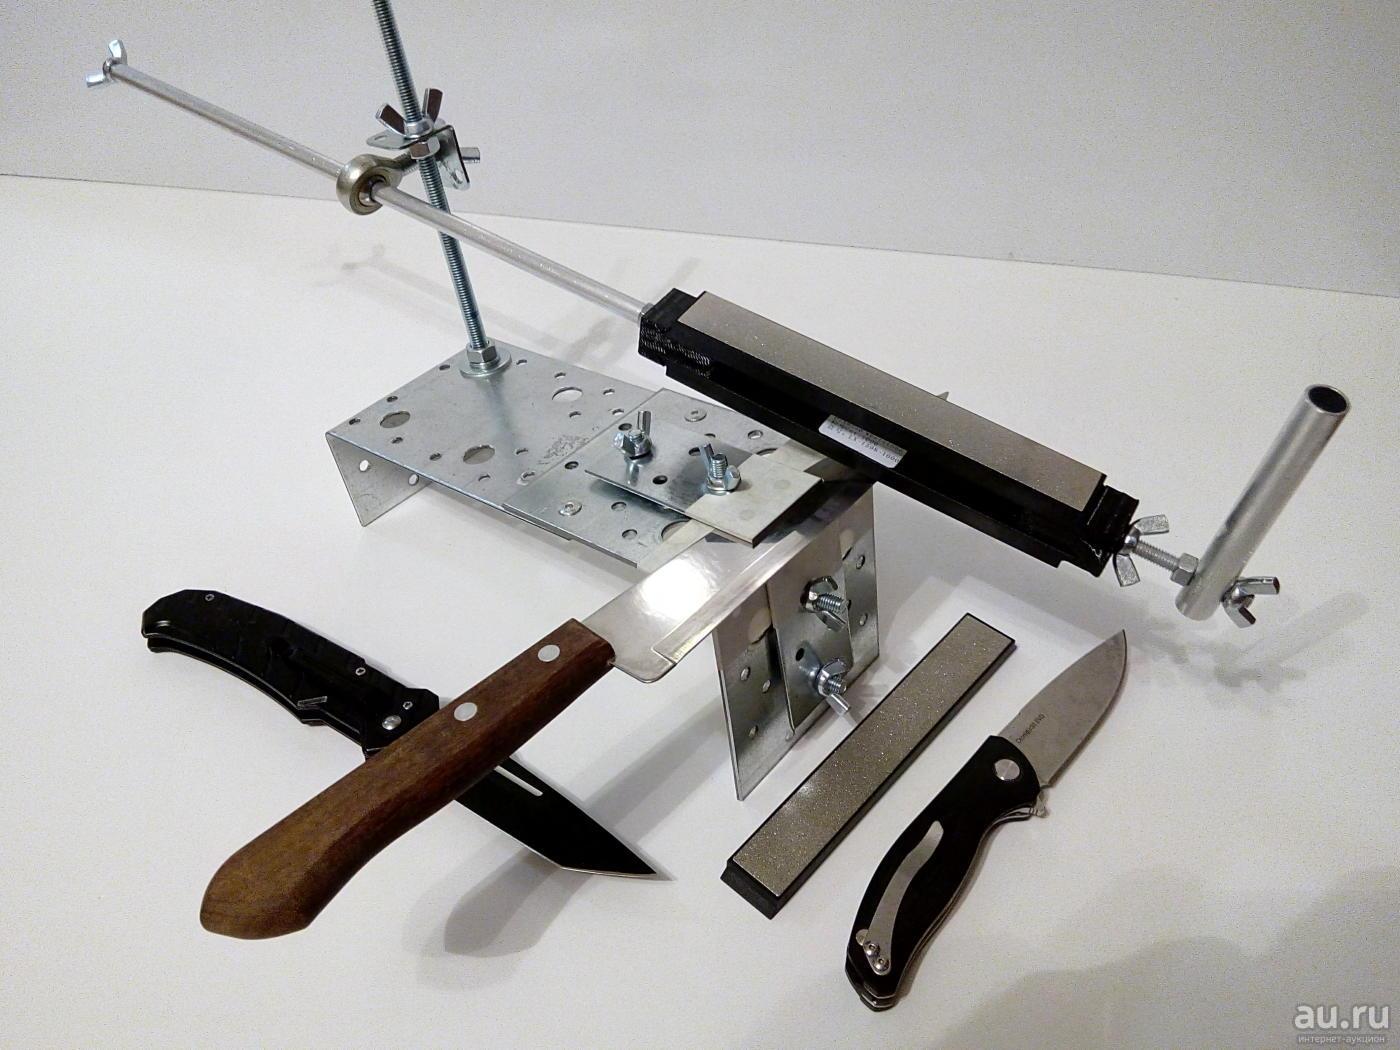 Профессиональная заточка ножей, необходимые материалы и инструменты